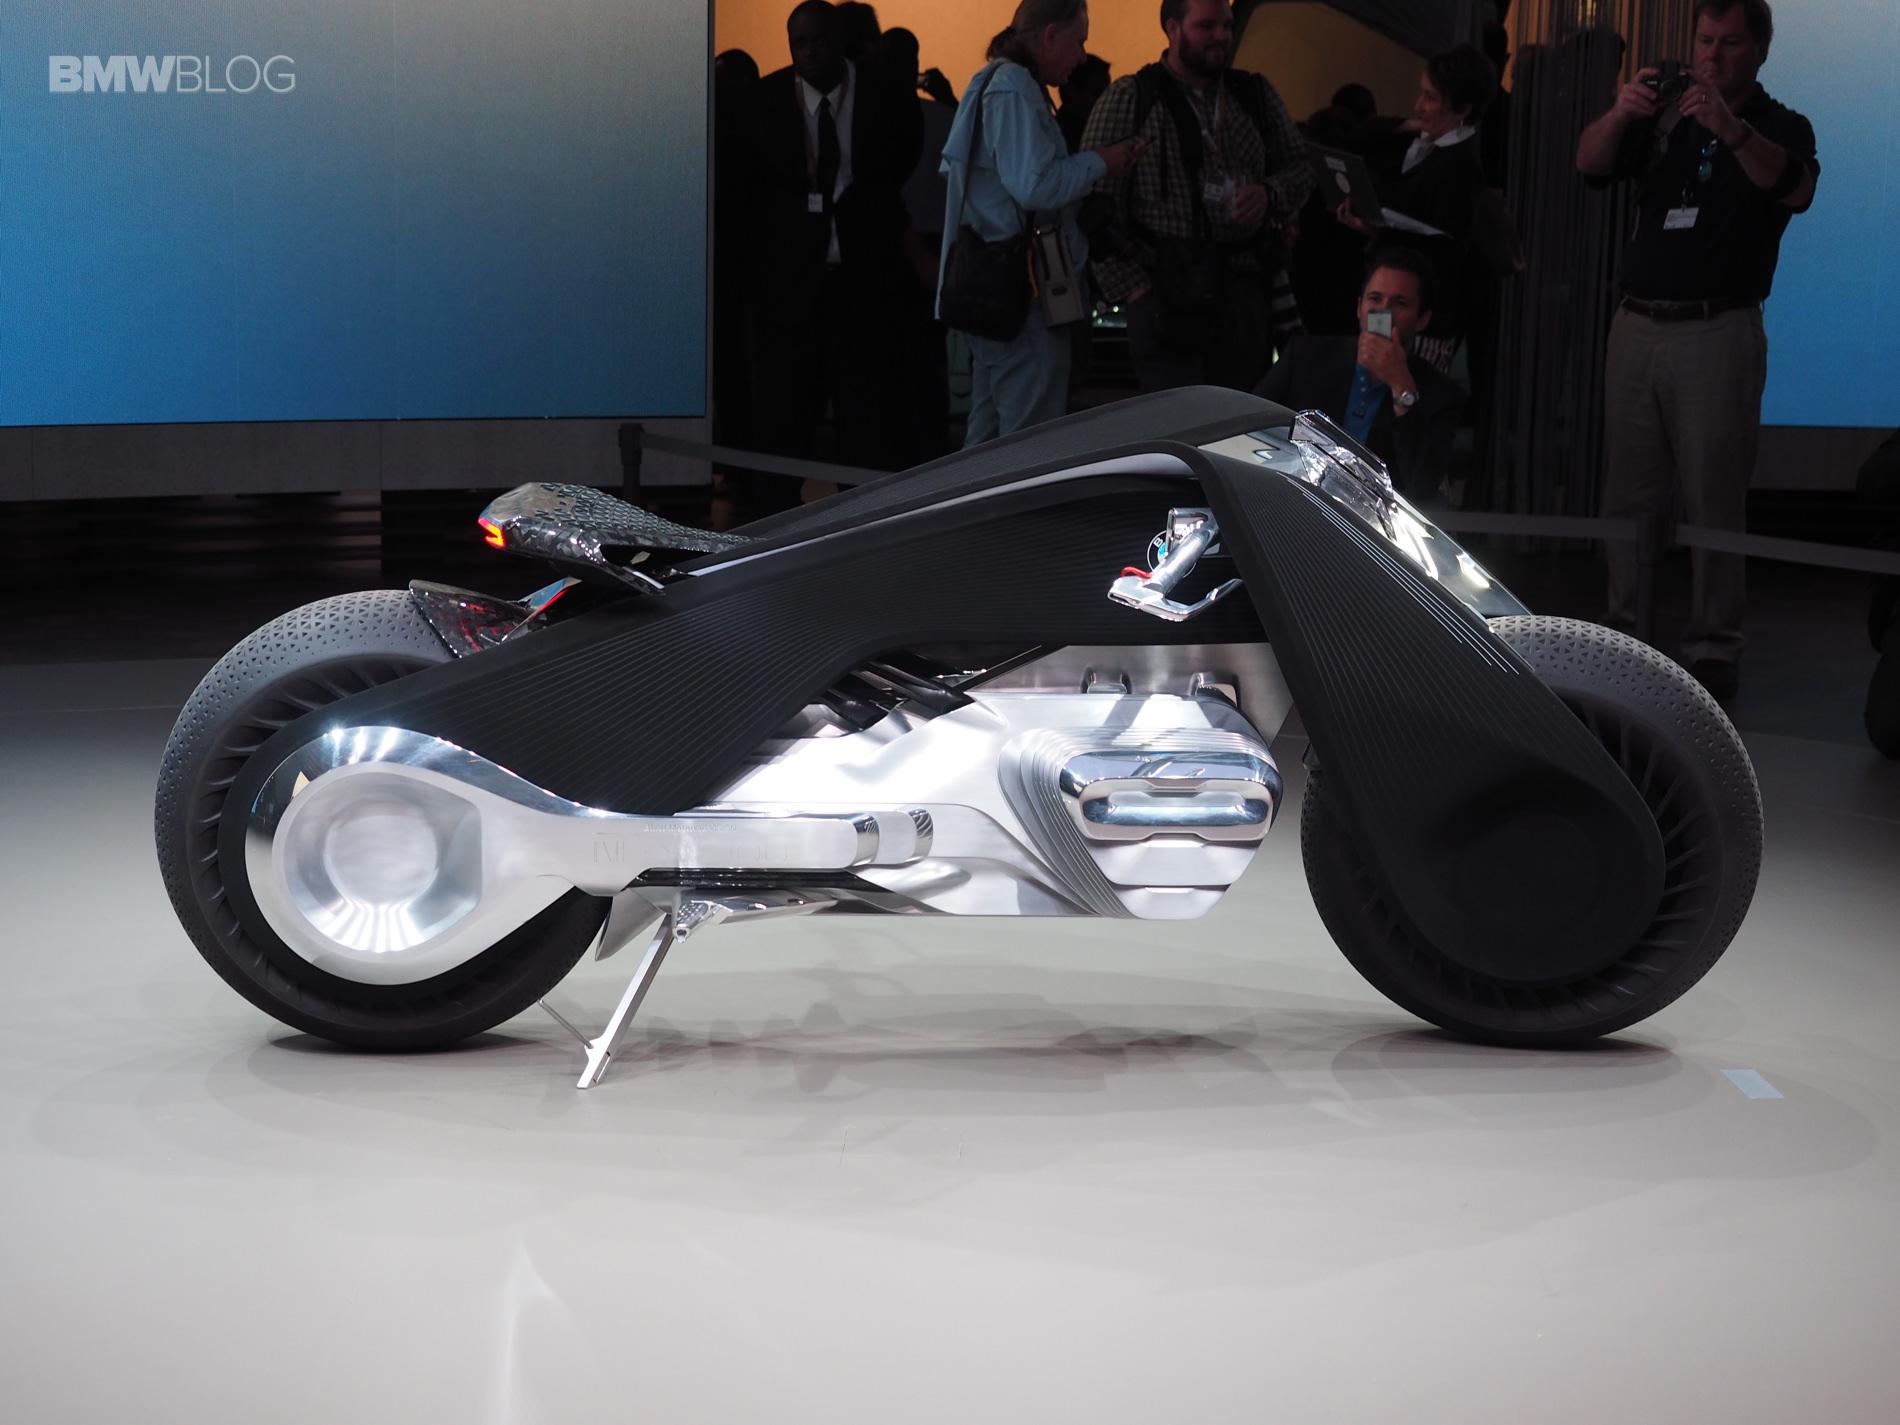 bmw-motorrad-vision-next-100-live-images-47.jpg